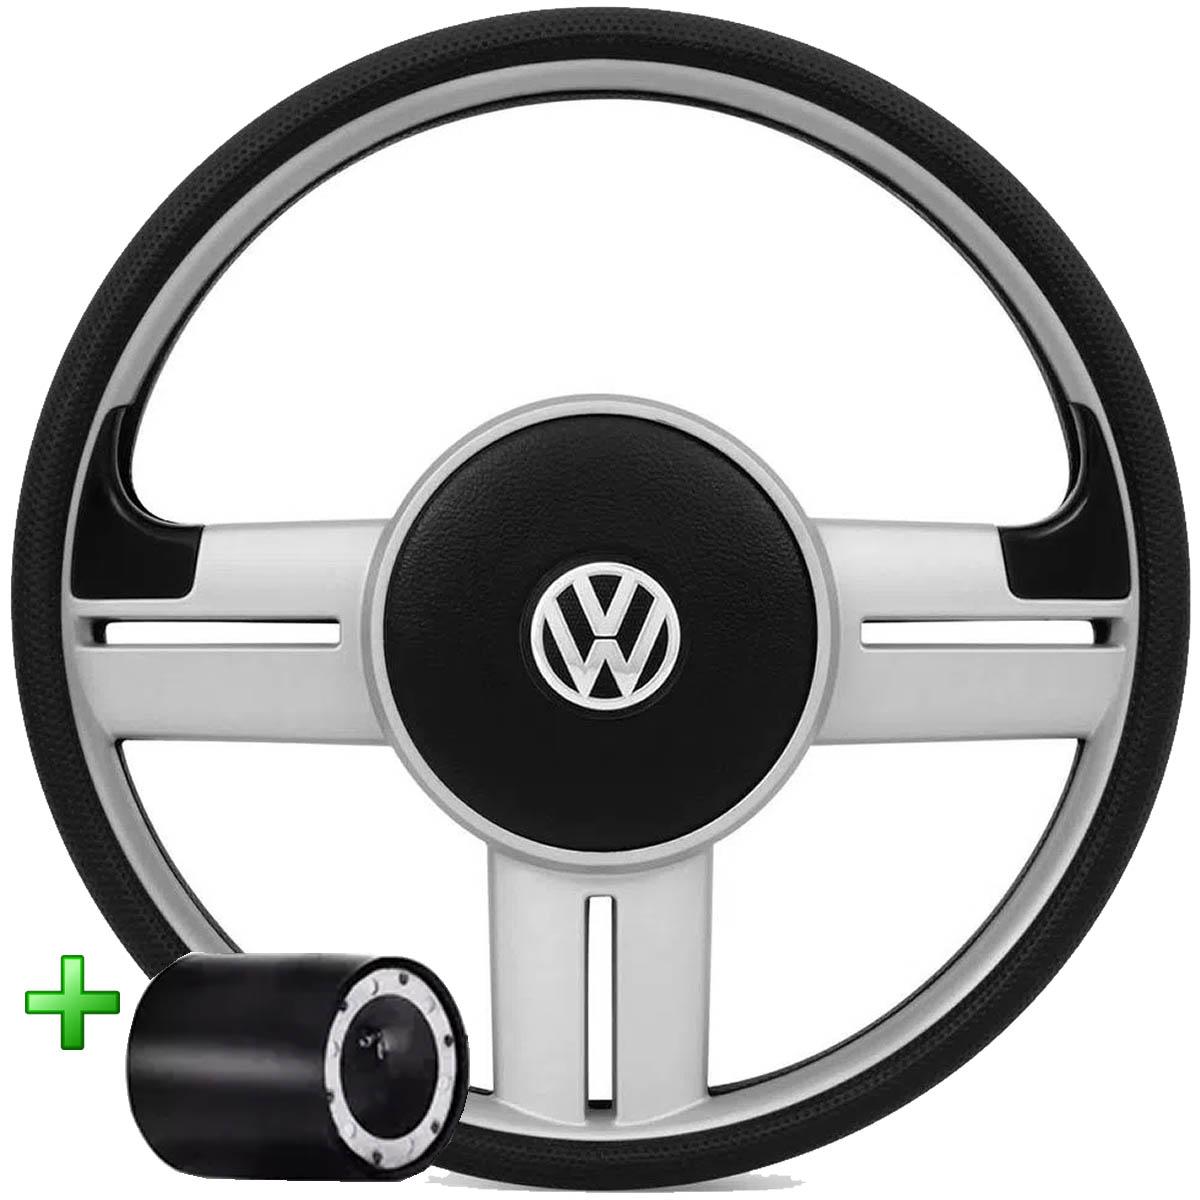 Volante Volkswagen Surf Rallye Esportivo Cubo Gol 1980 a 2013 Golf 1999 a 2013 Parati 1982 a 2012 Saveiro 1982 a 2013 Poliparts